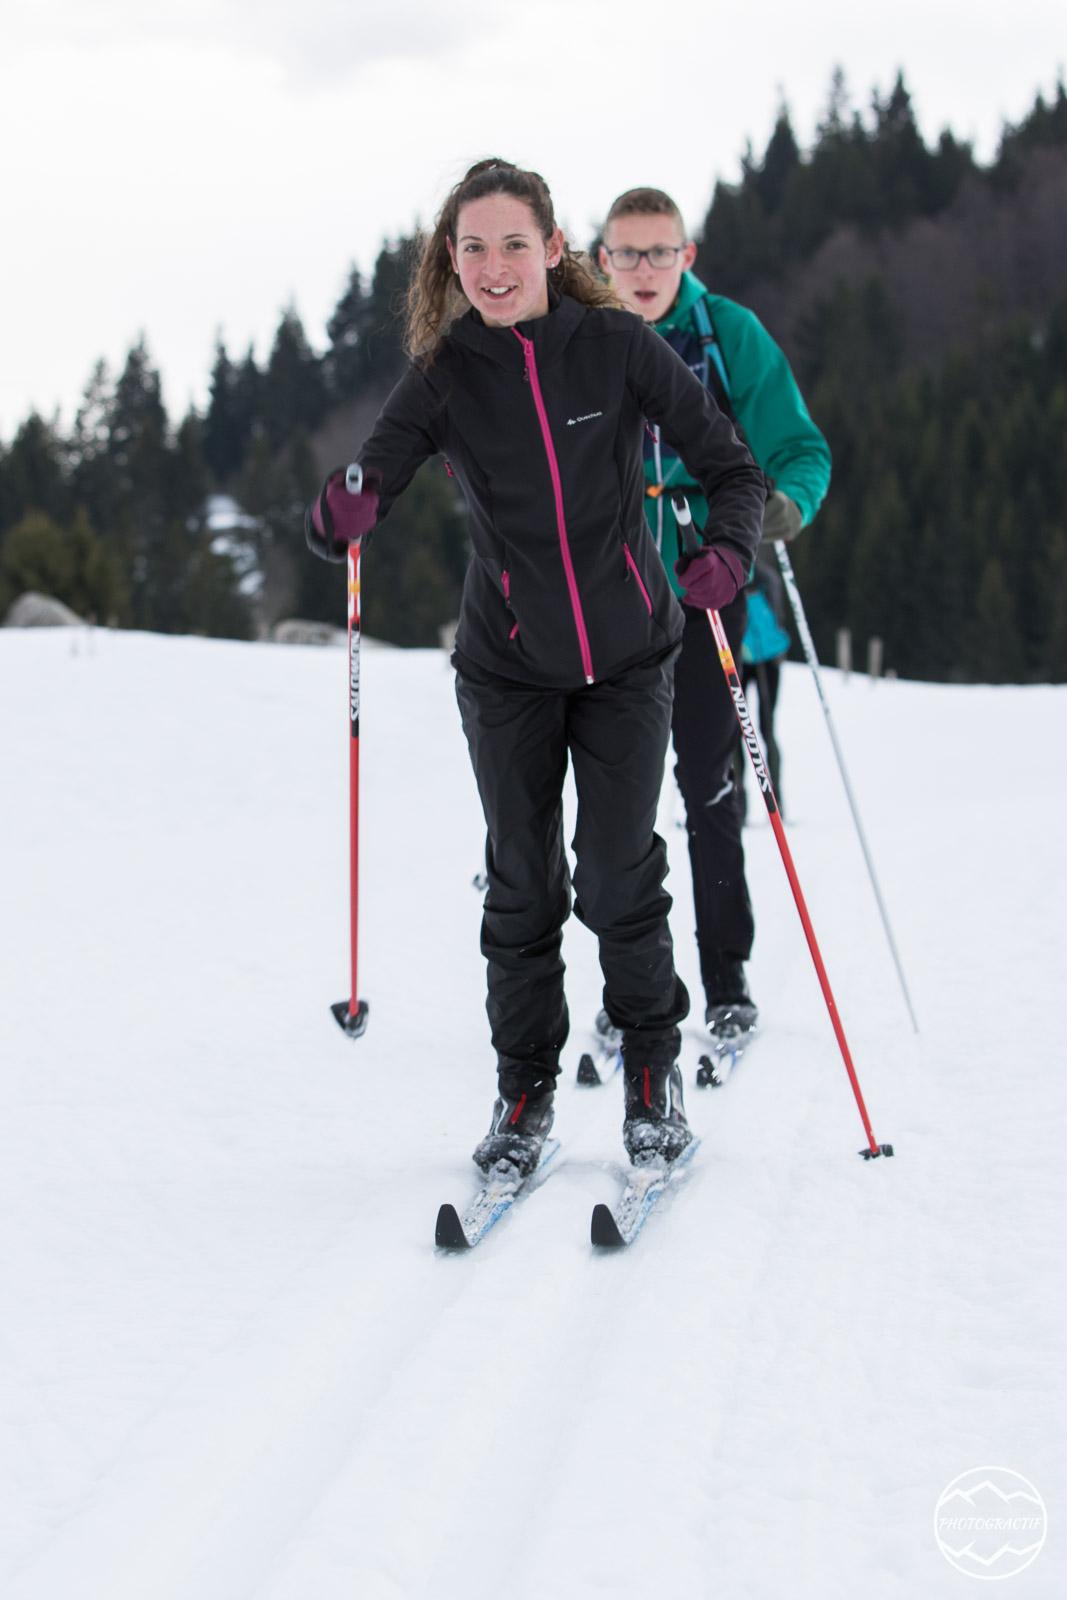 DSN Entrainement Ski Raquettes (15)